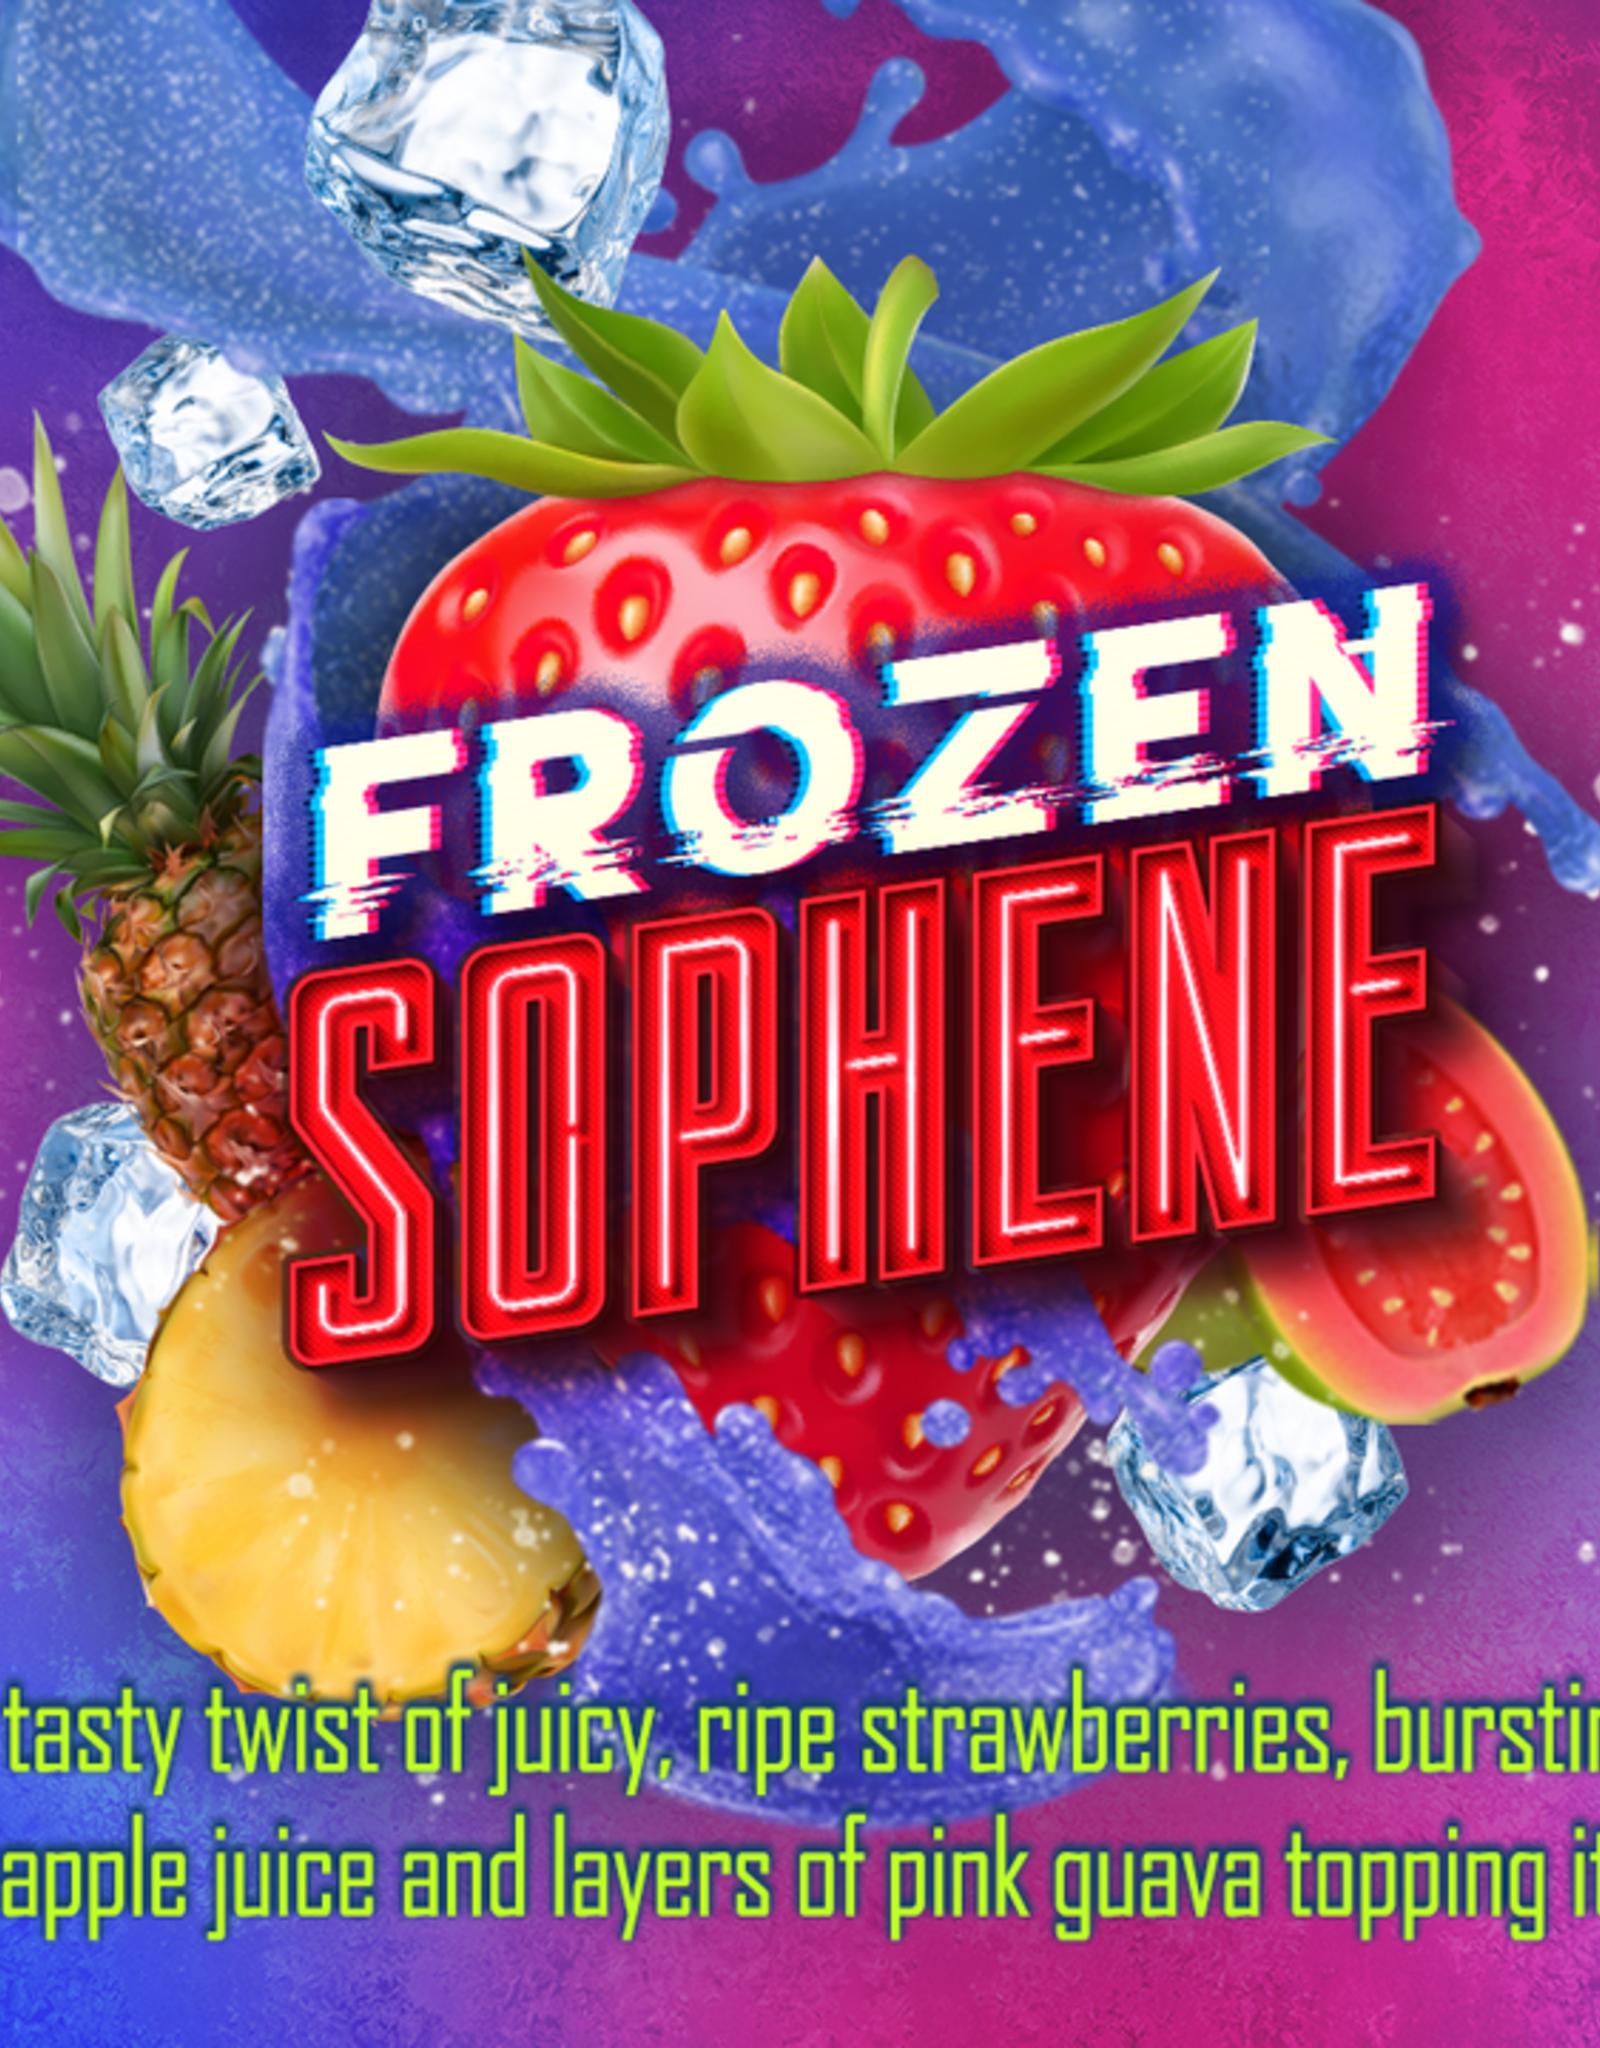 VANGO Frozen Sophene